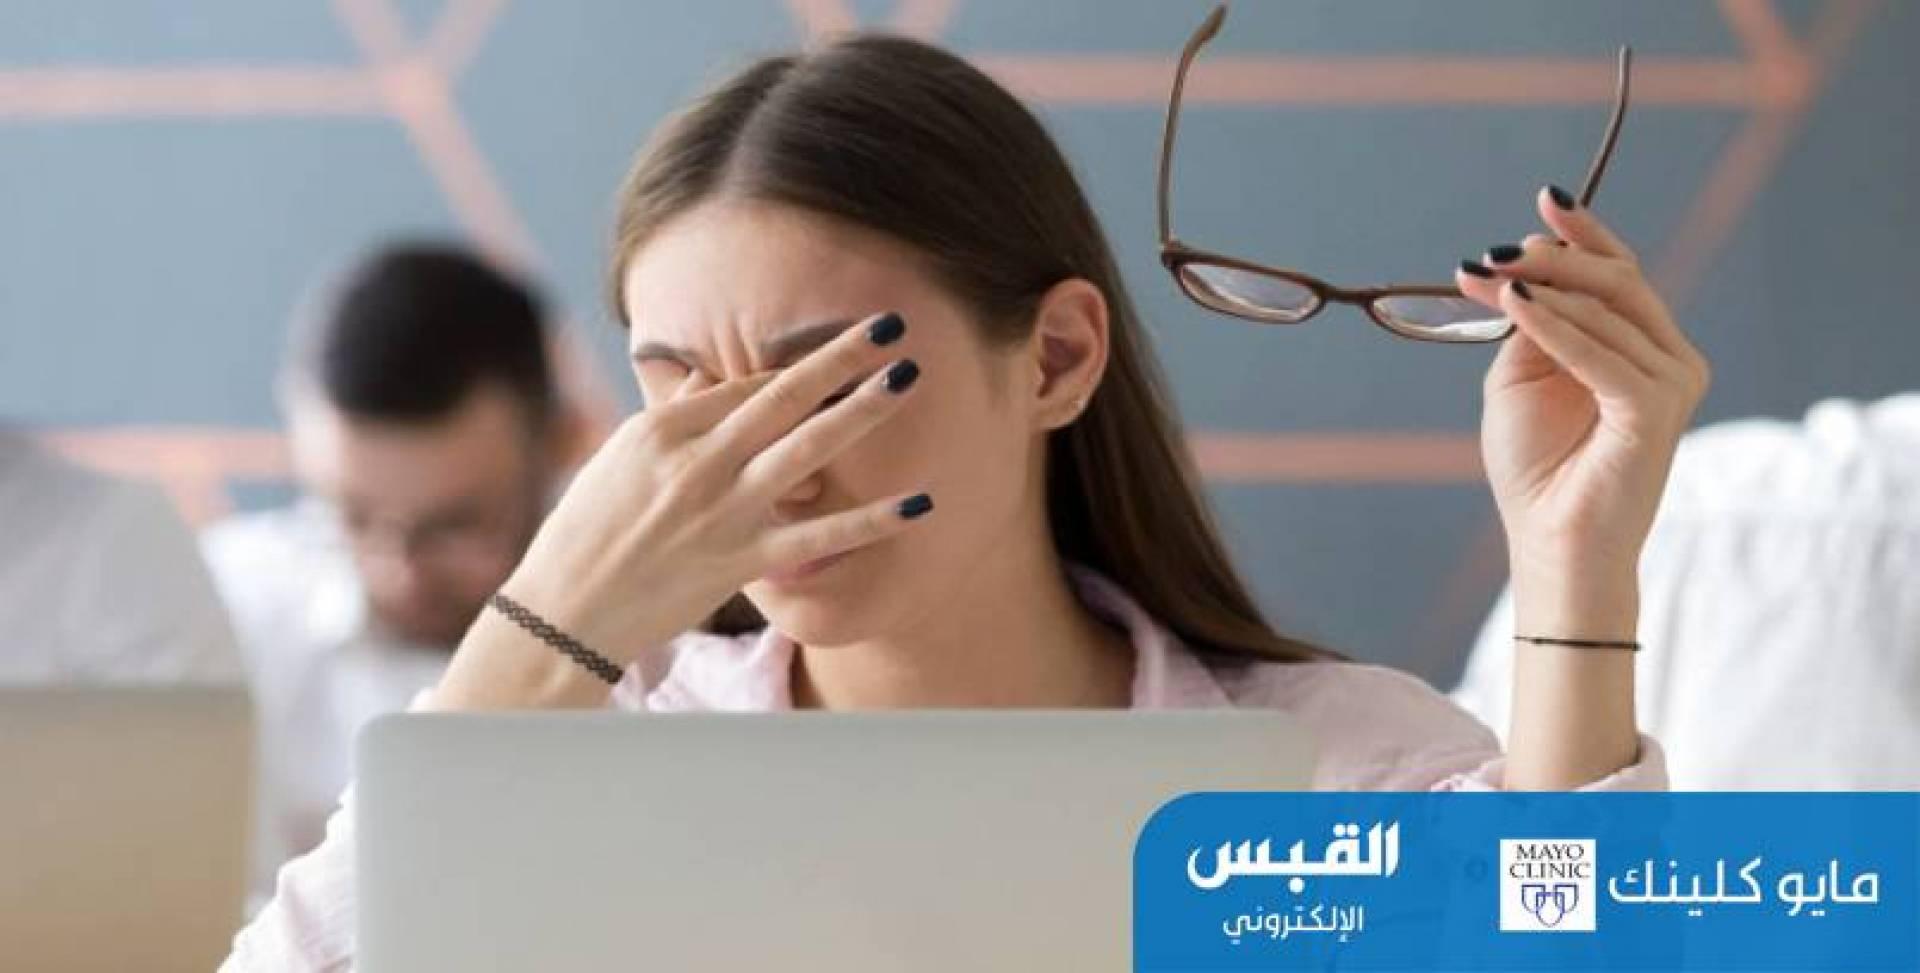 إجهاد العين قد يتسبَّب في التهاب الرقبة أو الكتفين